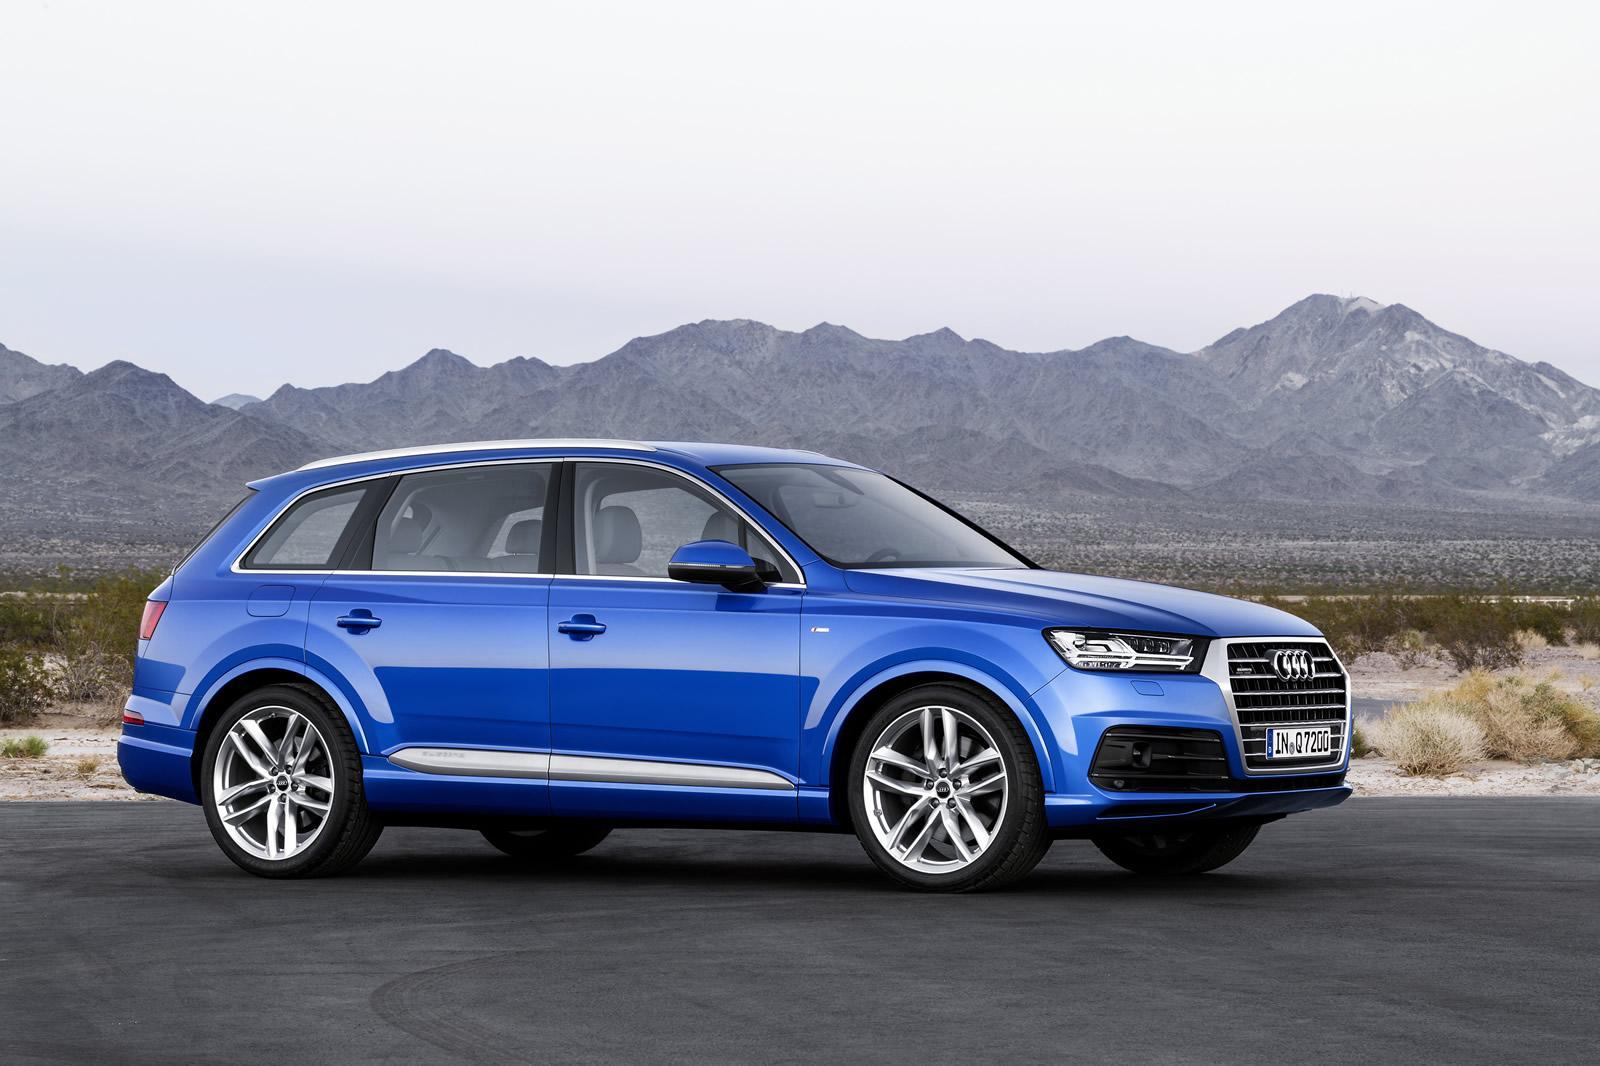 Nuova Audi Q7 2015: dimensioni, scheda tecnica e prezzo